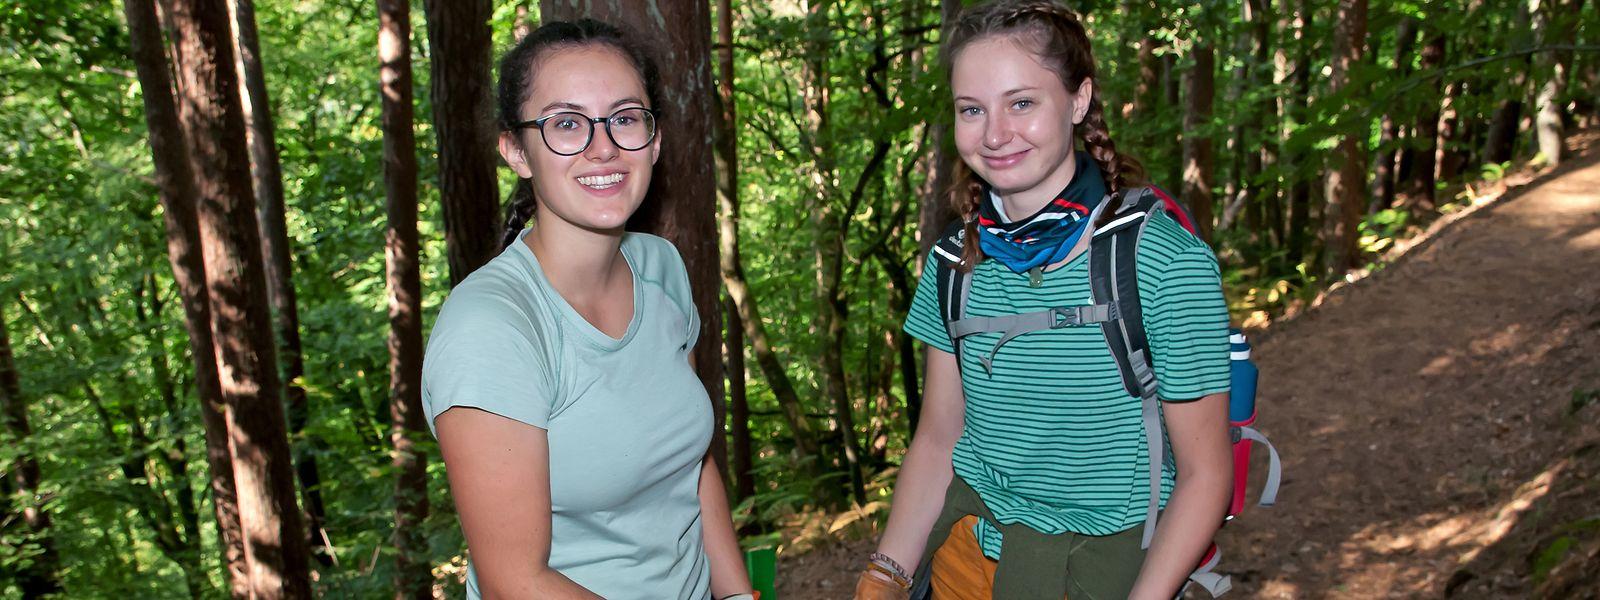 Wie Lisa Jadin (links) und Jella Weis waren rund 300 Freiwillige unterwegs, um die Wanderwege zu säubern.